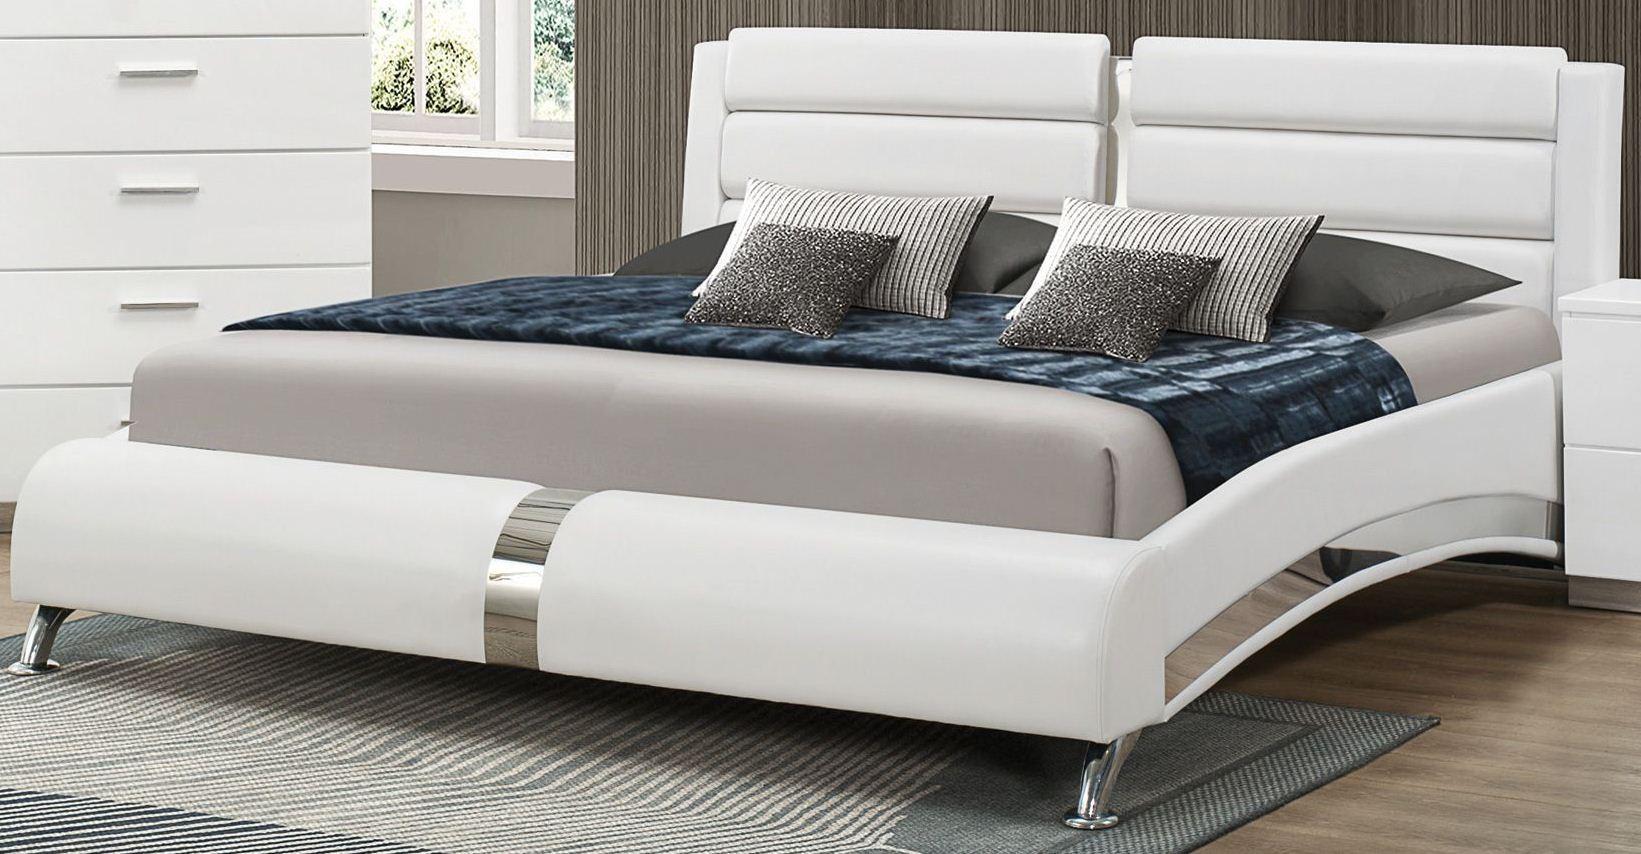 Felicity king size platform bed from coaster 300345ke for 5 in 1 bed